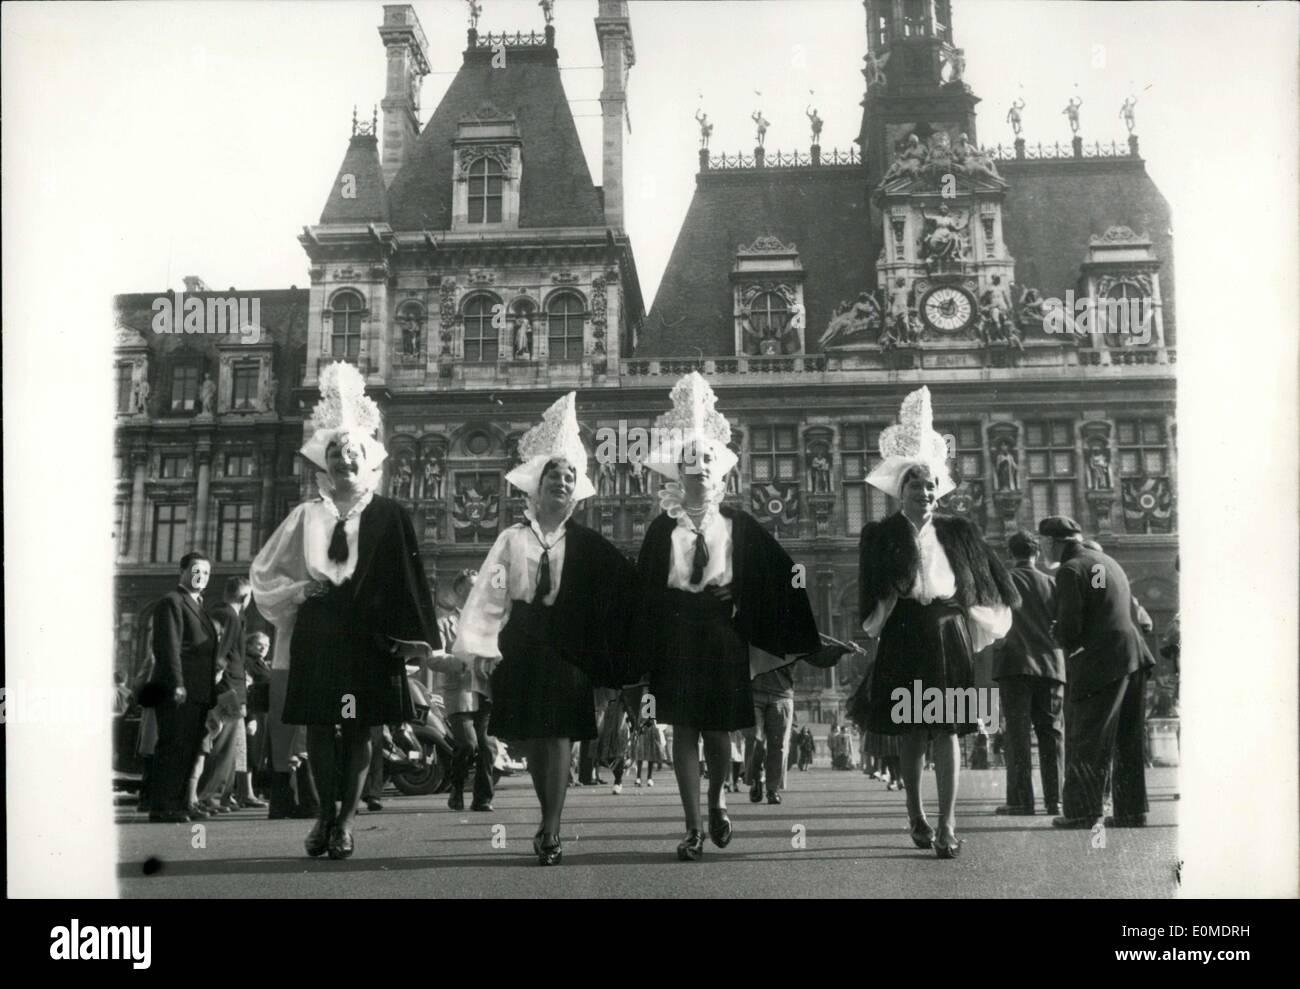 Octubre 31, 1954 - Desfile de Folklore en el Hotel de Ville Imagen De Stock